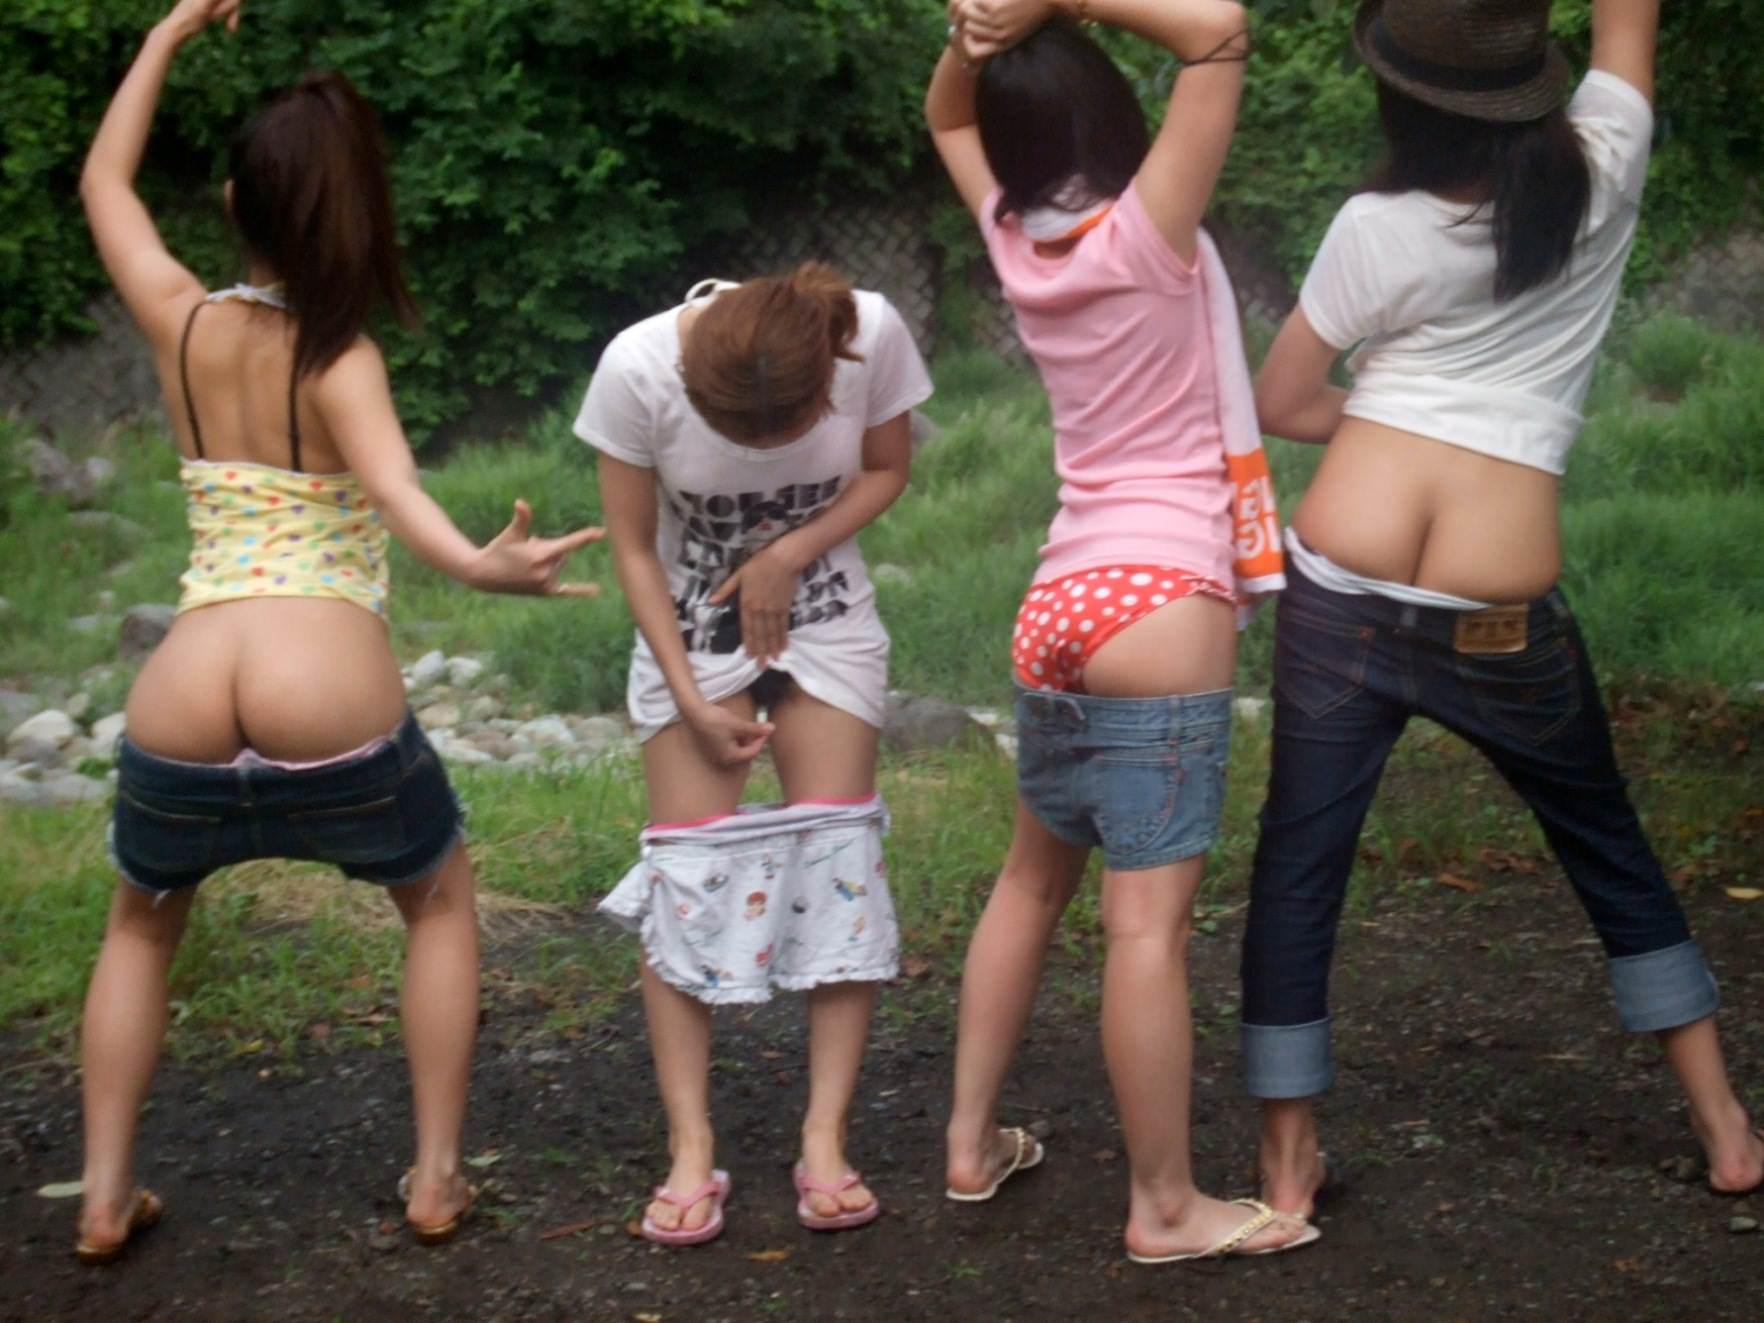 素人達の大胆なおふざけ画像www女の子同士ではしゃぐとすぐお尻を出す件www 1412